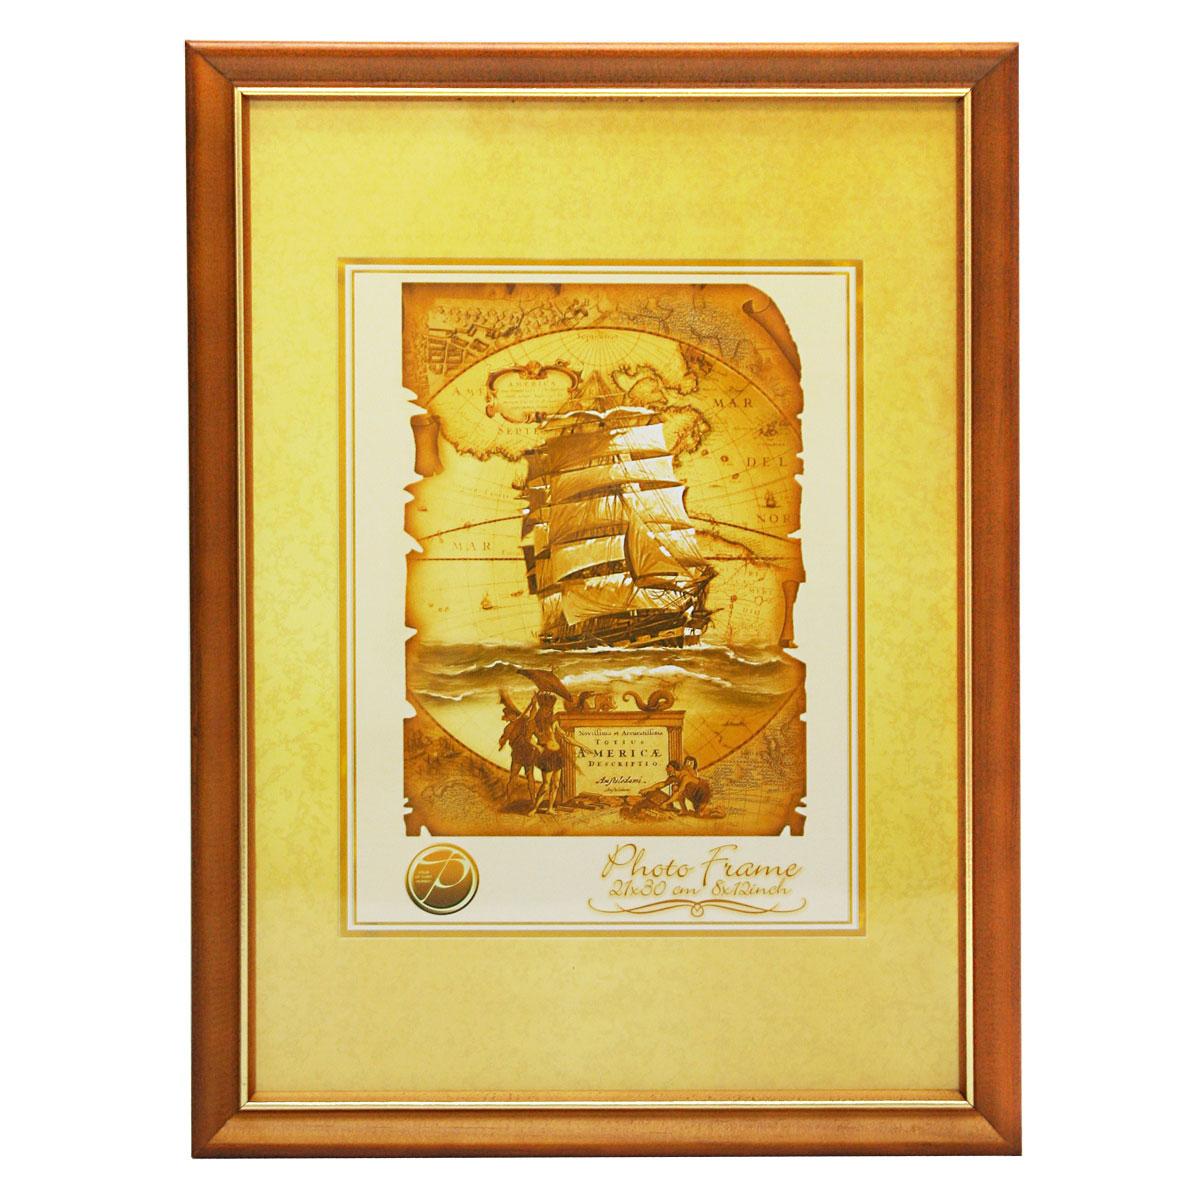 Фоторамка Pioneer Nancy, цвет: светло-коричневый, золотистый, 21 см х 30 см6300155_св. коричневыйФоторамка Pioneer Nancy выполнена из высококачественного дерева и стекла, защищающего фотографию. Оборотная сторона рамки оснащена специальной ножкой, благодаря которой ее можно поставить на стол или любое другое место в доме или офисе. Также на изделии имеются два специальных отверстия для подвешивания. Такая фоторамка поможет вам оригинально и стильно дополнить интерьер помещения, а также позволит сохранить память о дорогих вам людях и интересных событиях вашей жизни. Размер фотографии: 21 см х 30 см.